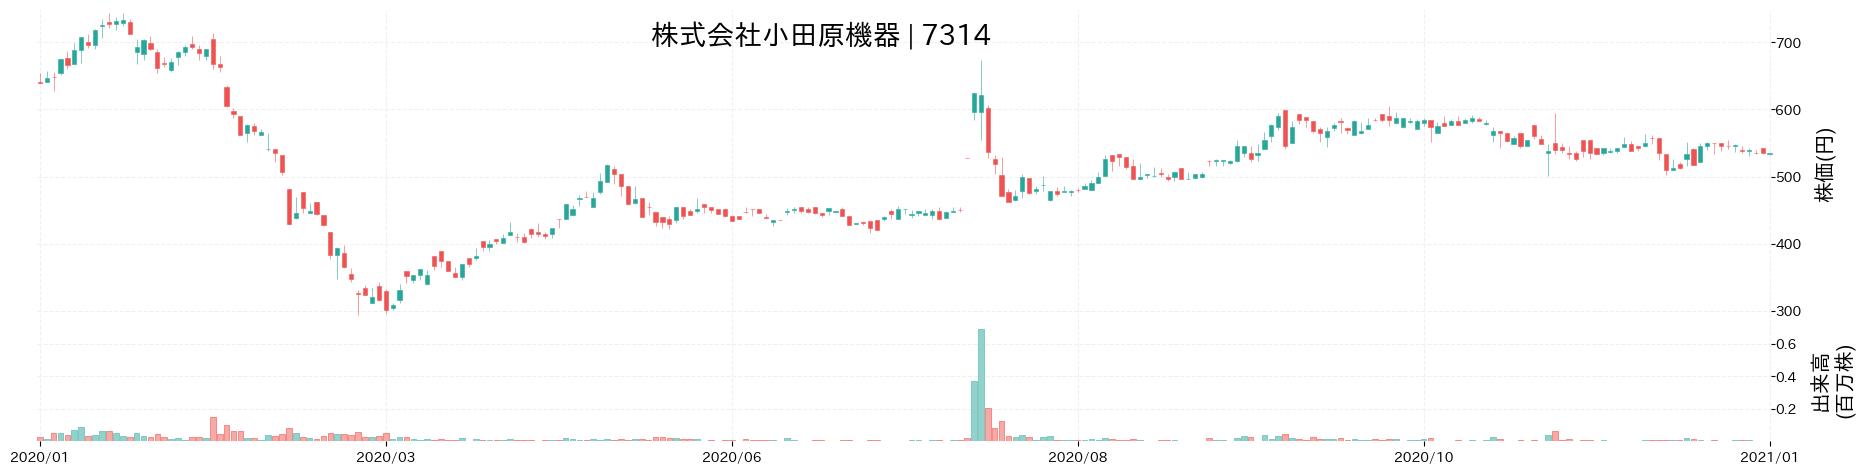 株式会社小田原機器の株価推移(2020)